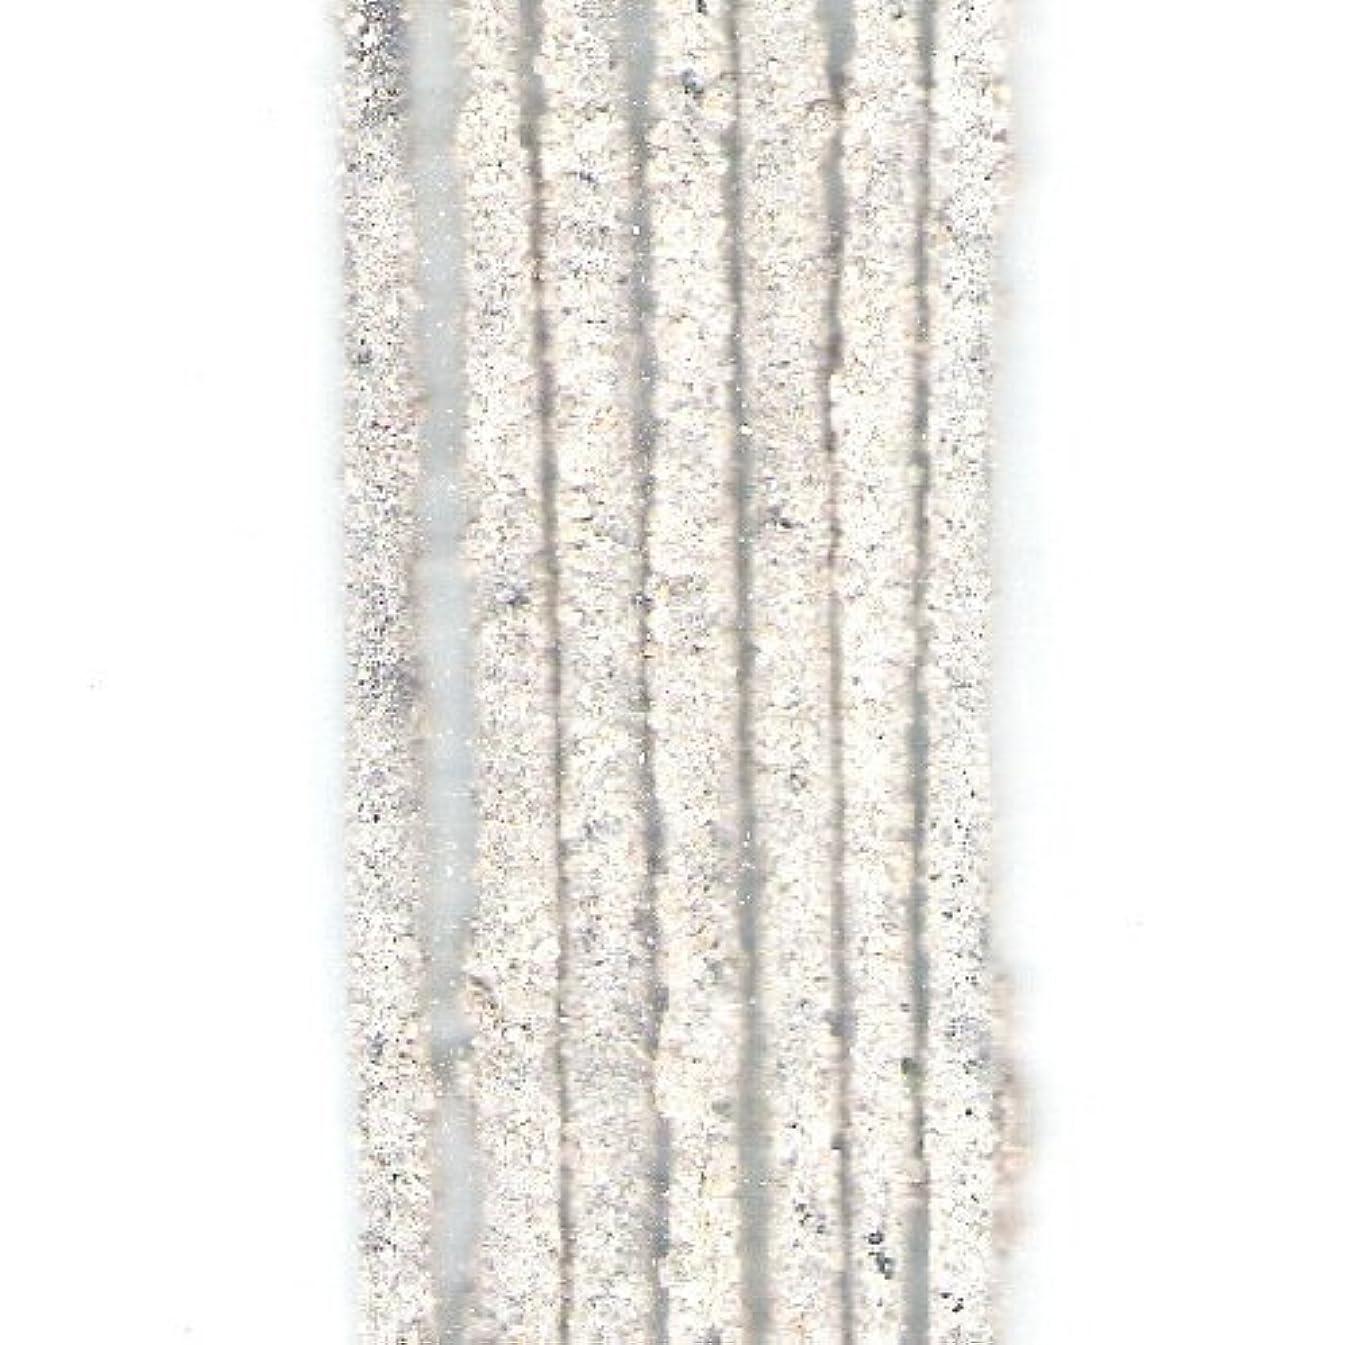 おばあさんコールドパイNature Frankincense Benzoin Pure樹脂over Stick Incense 10 Sticks